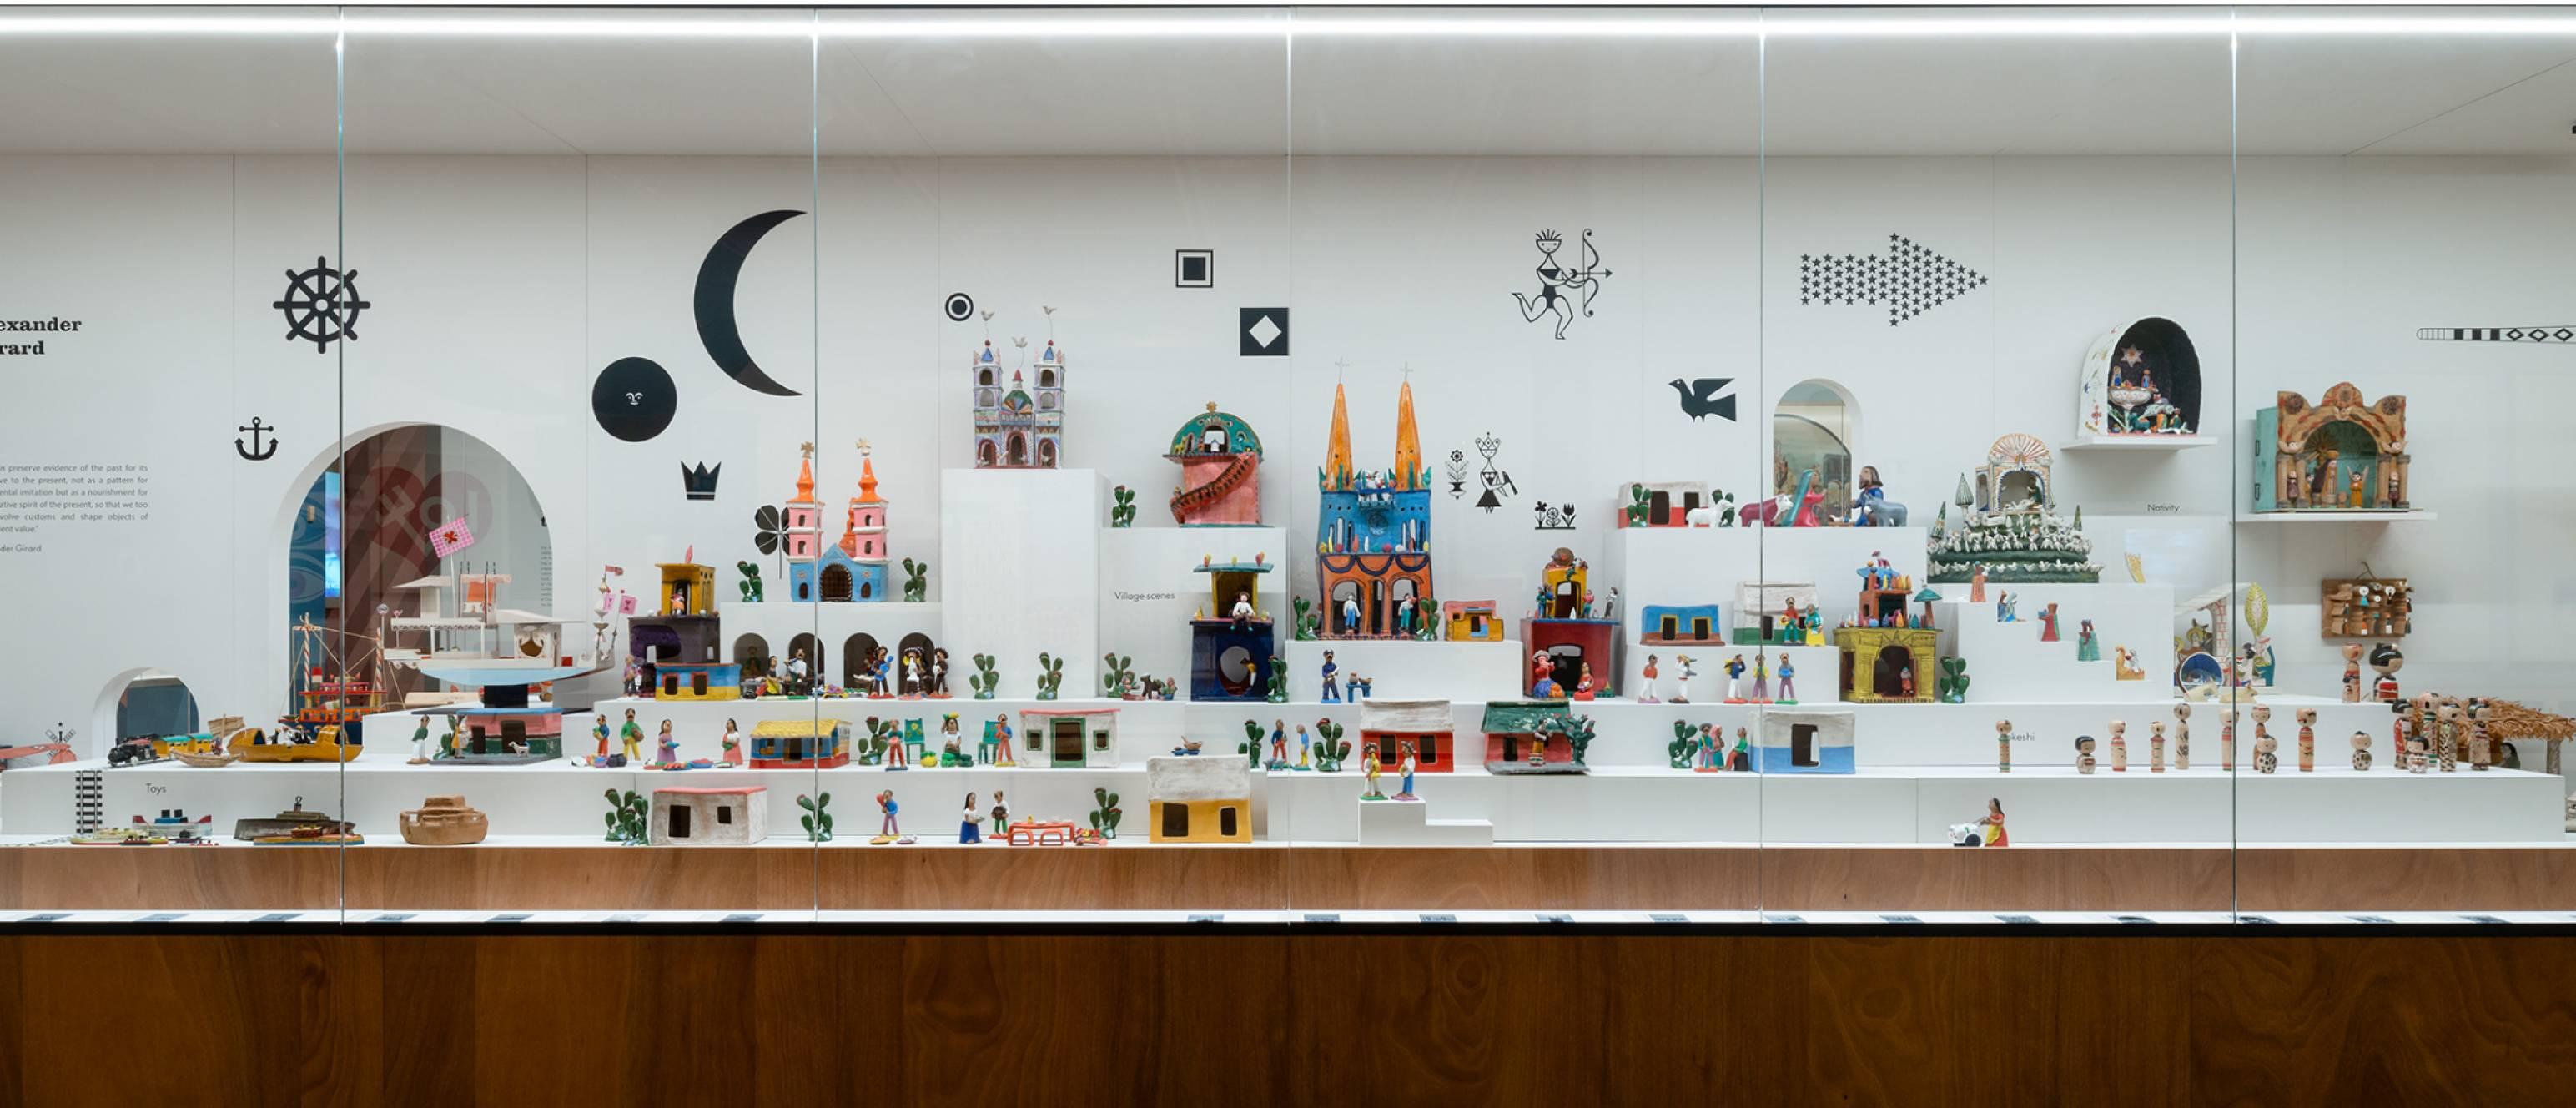 Alexander Girard exhibition, Folk art collection